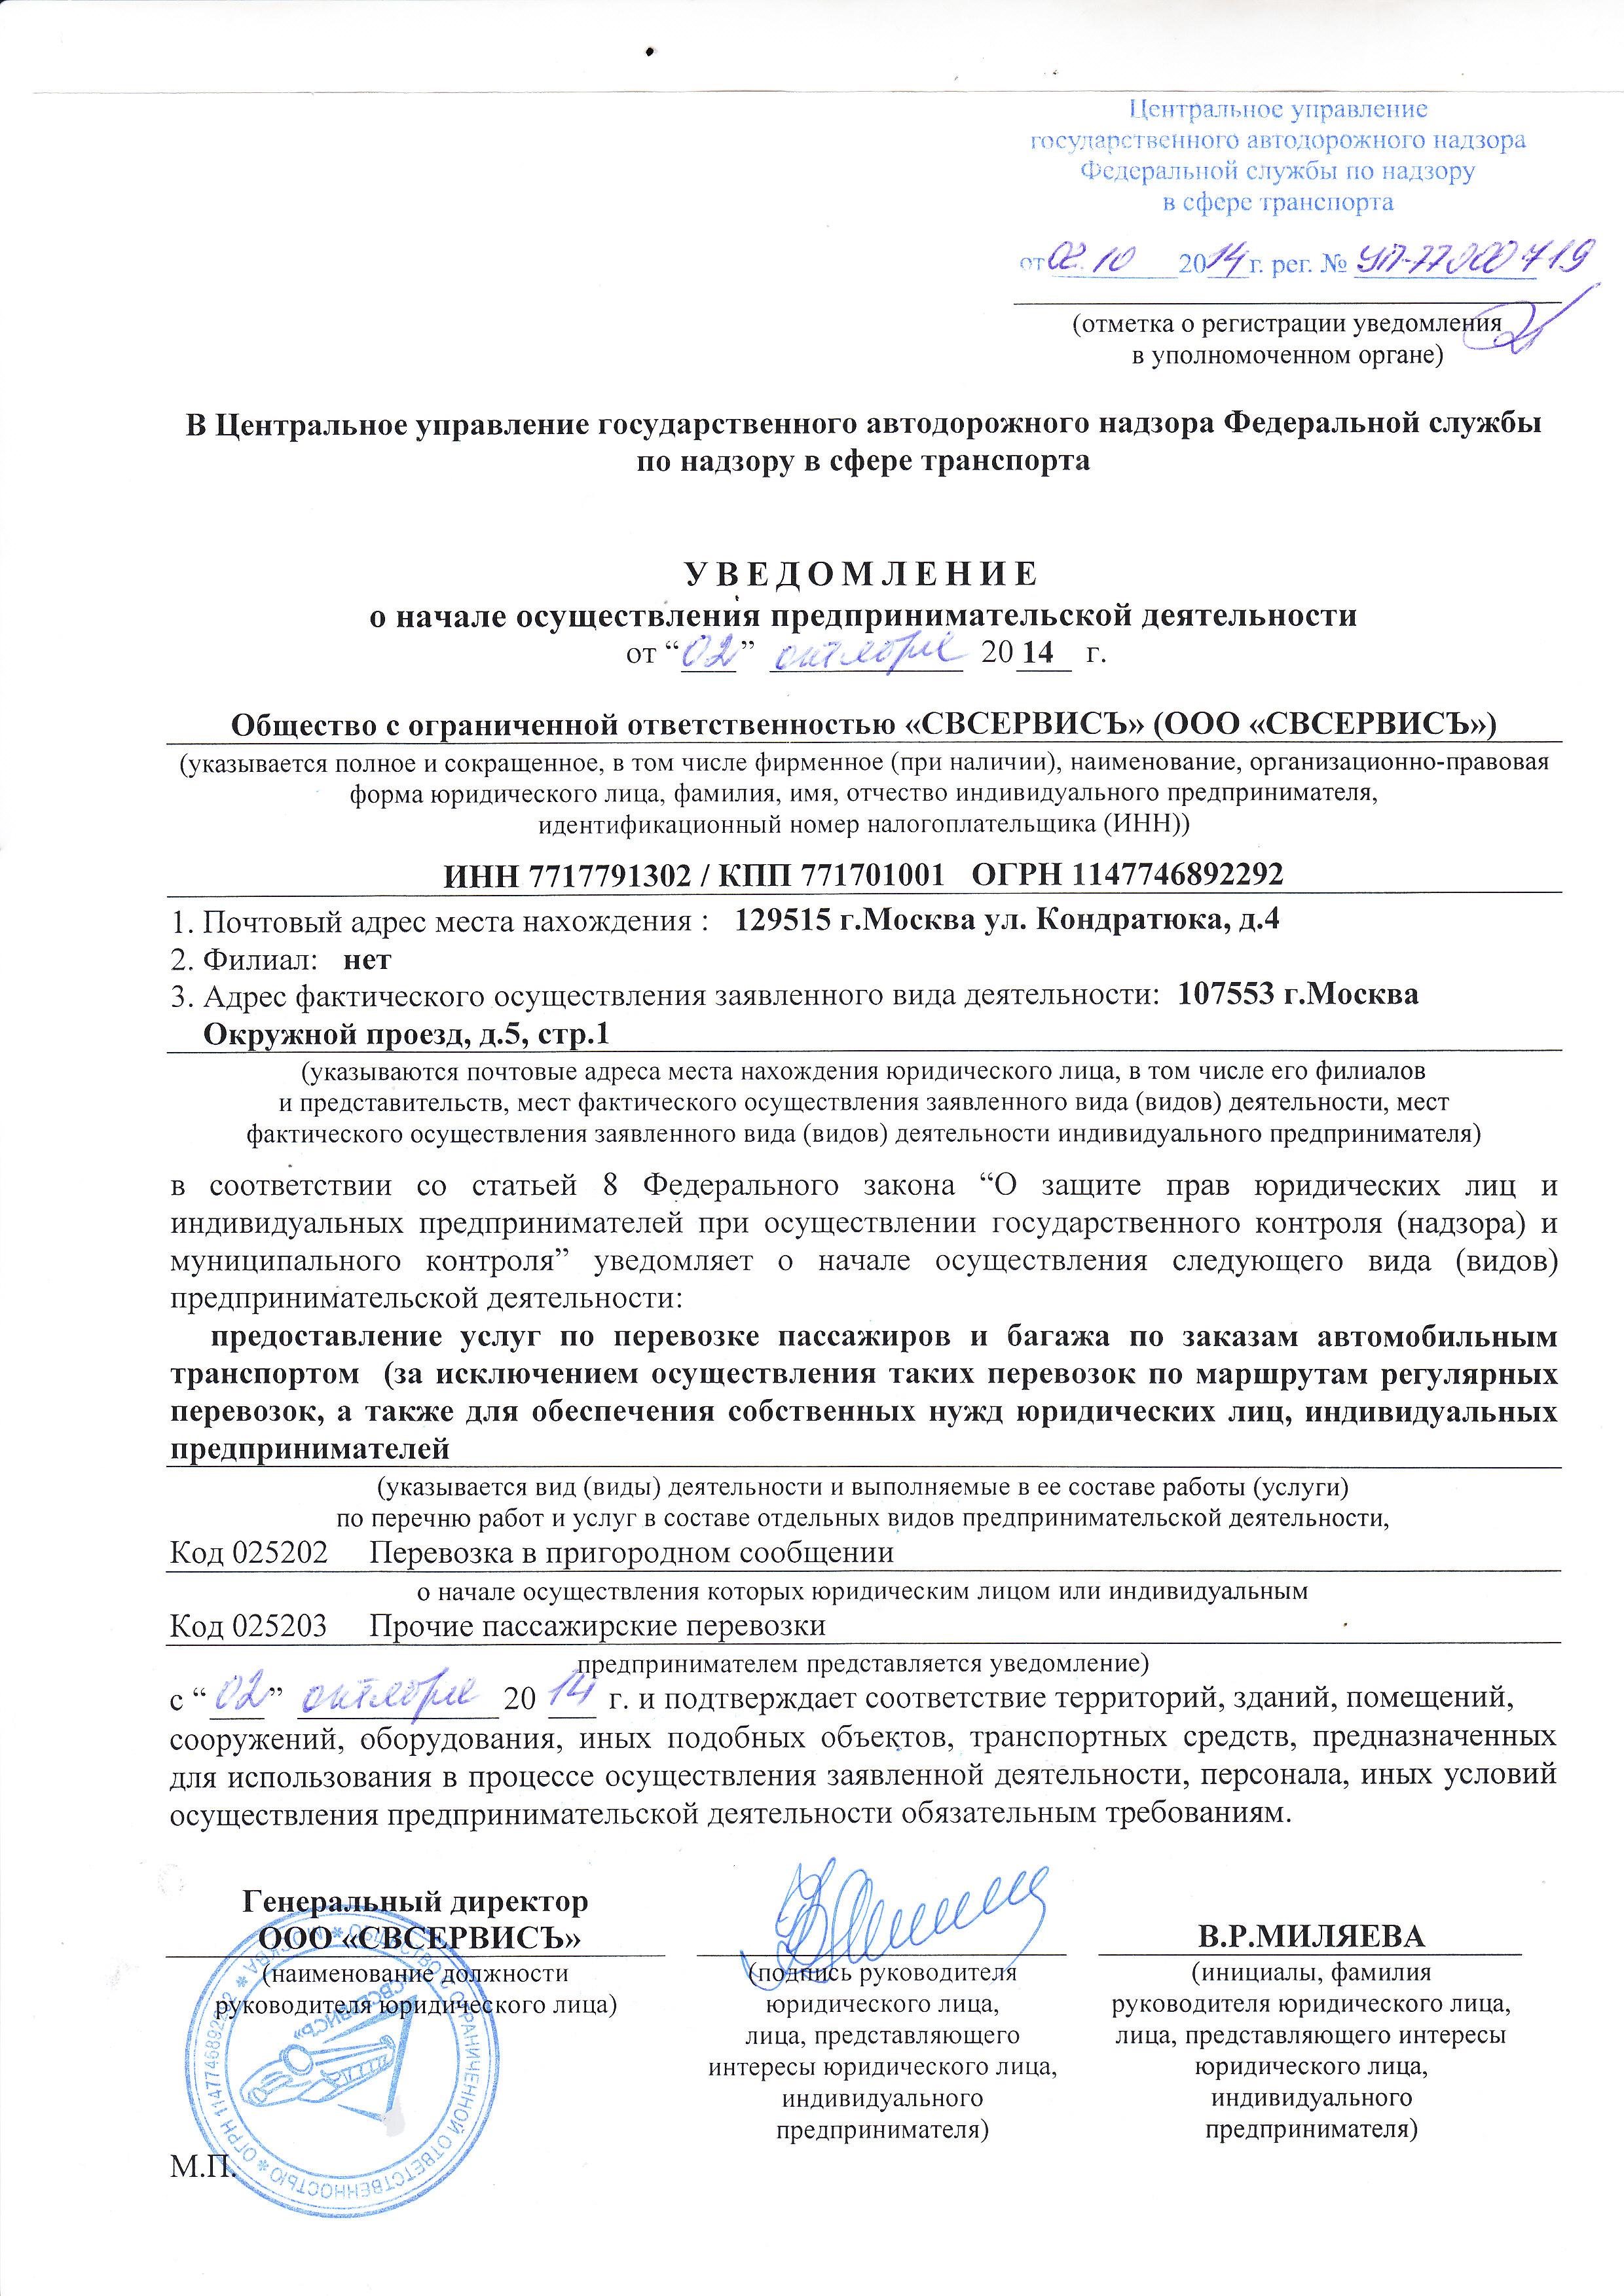 Енвд нижегородская область услуги по перевозке пассажиров и грузов автотранспортом Это похоже